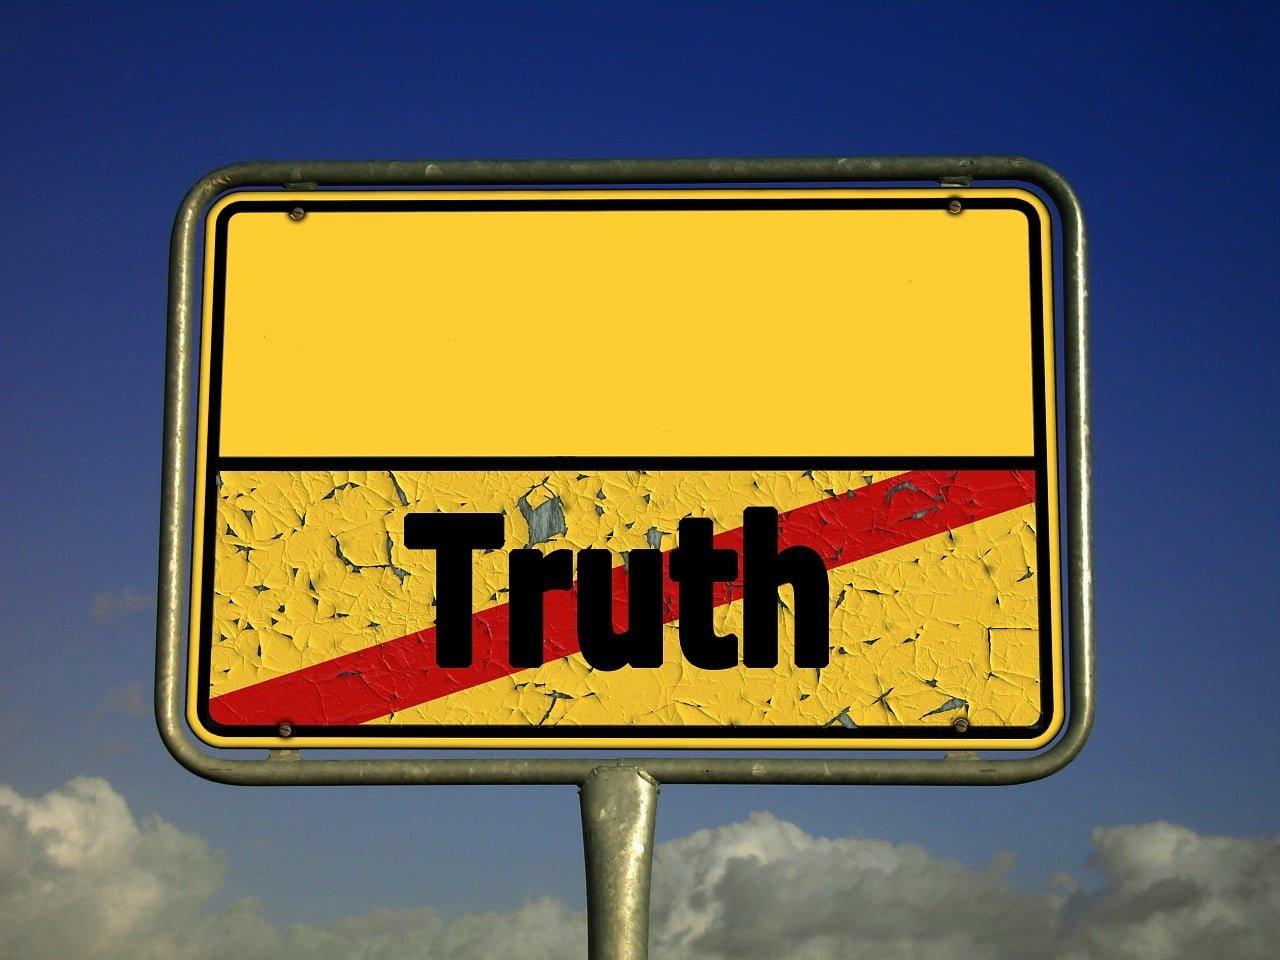 Krzywoprzysięstwo - kłamstwo, które może kosztować 8 lat życia